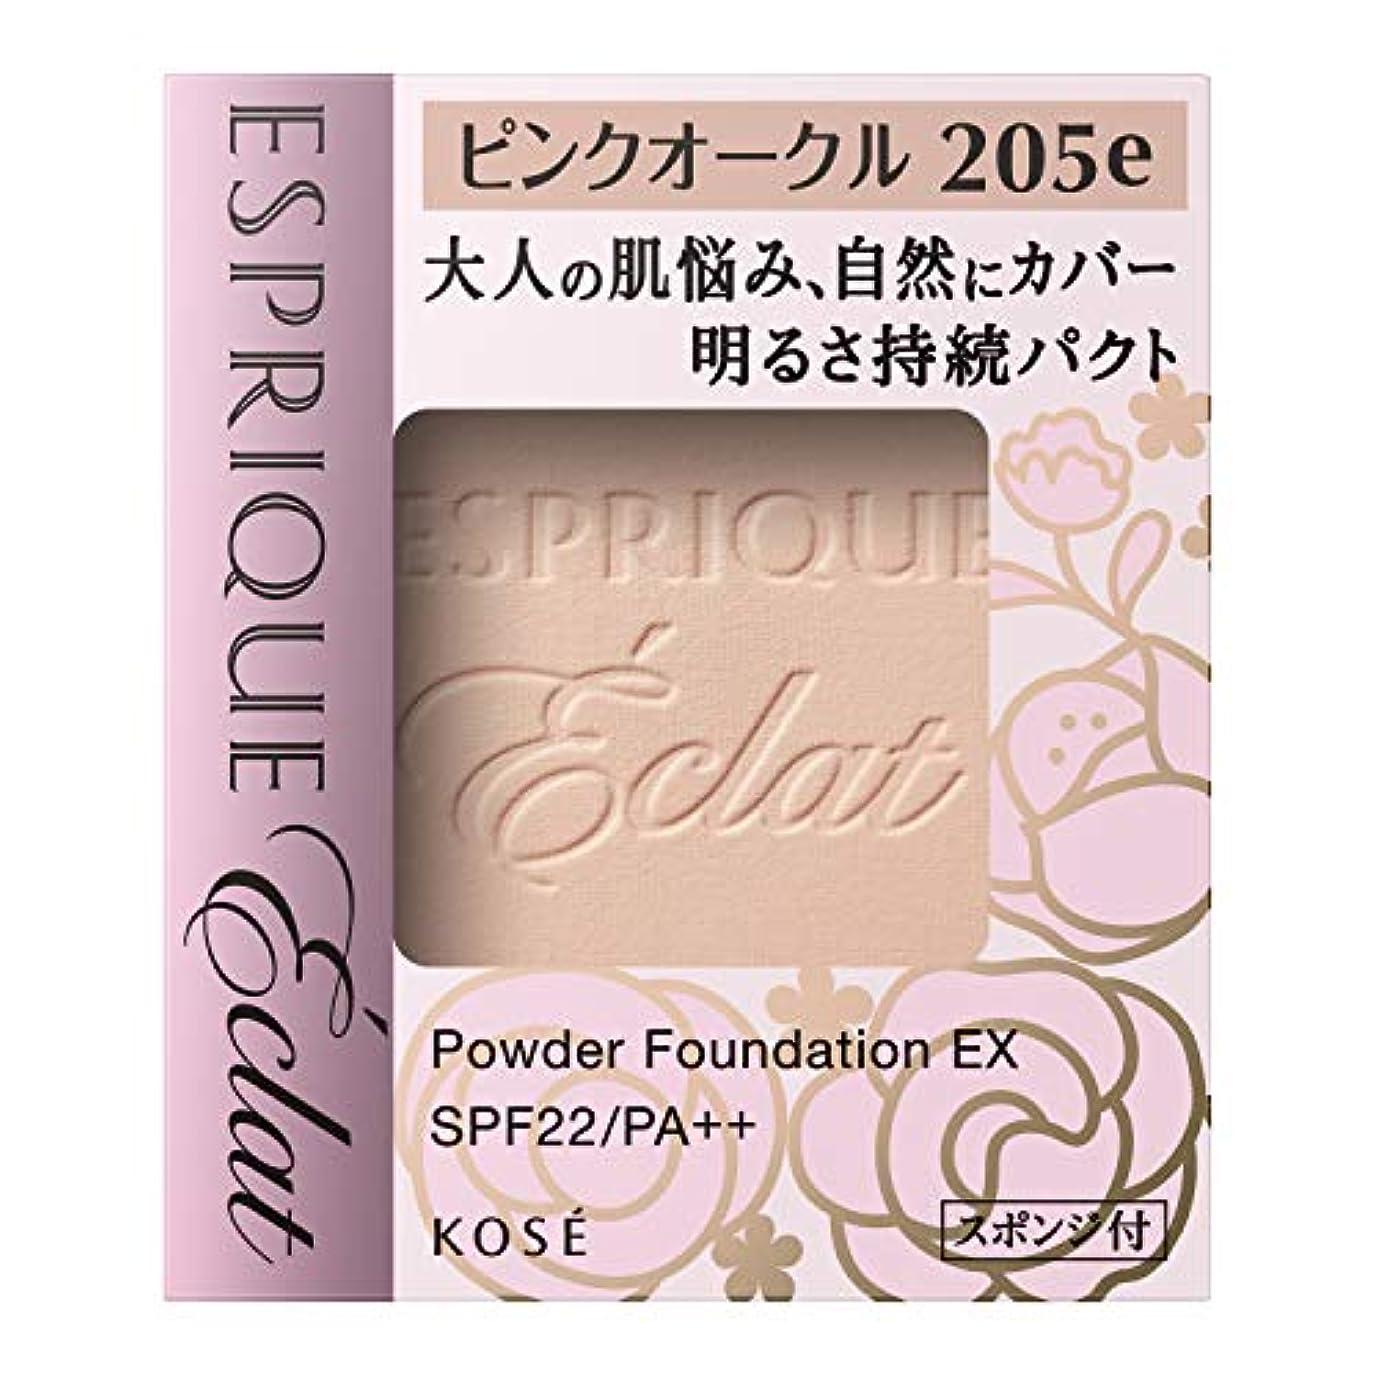 泥露出度の高い眉エスプリーク エクラ 明るさ持続 パクト EX PO205e ピンクオークル 9.3g